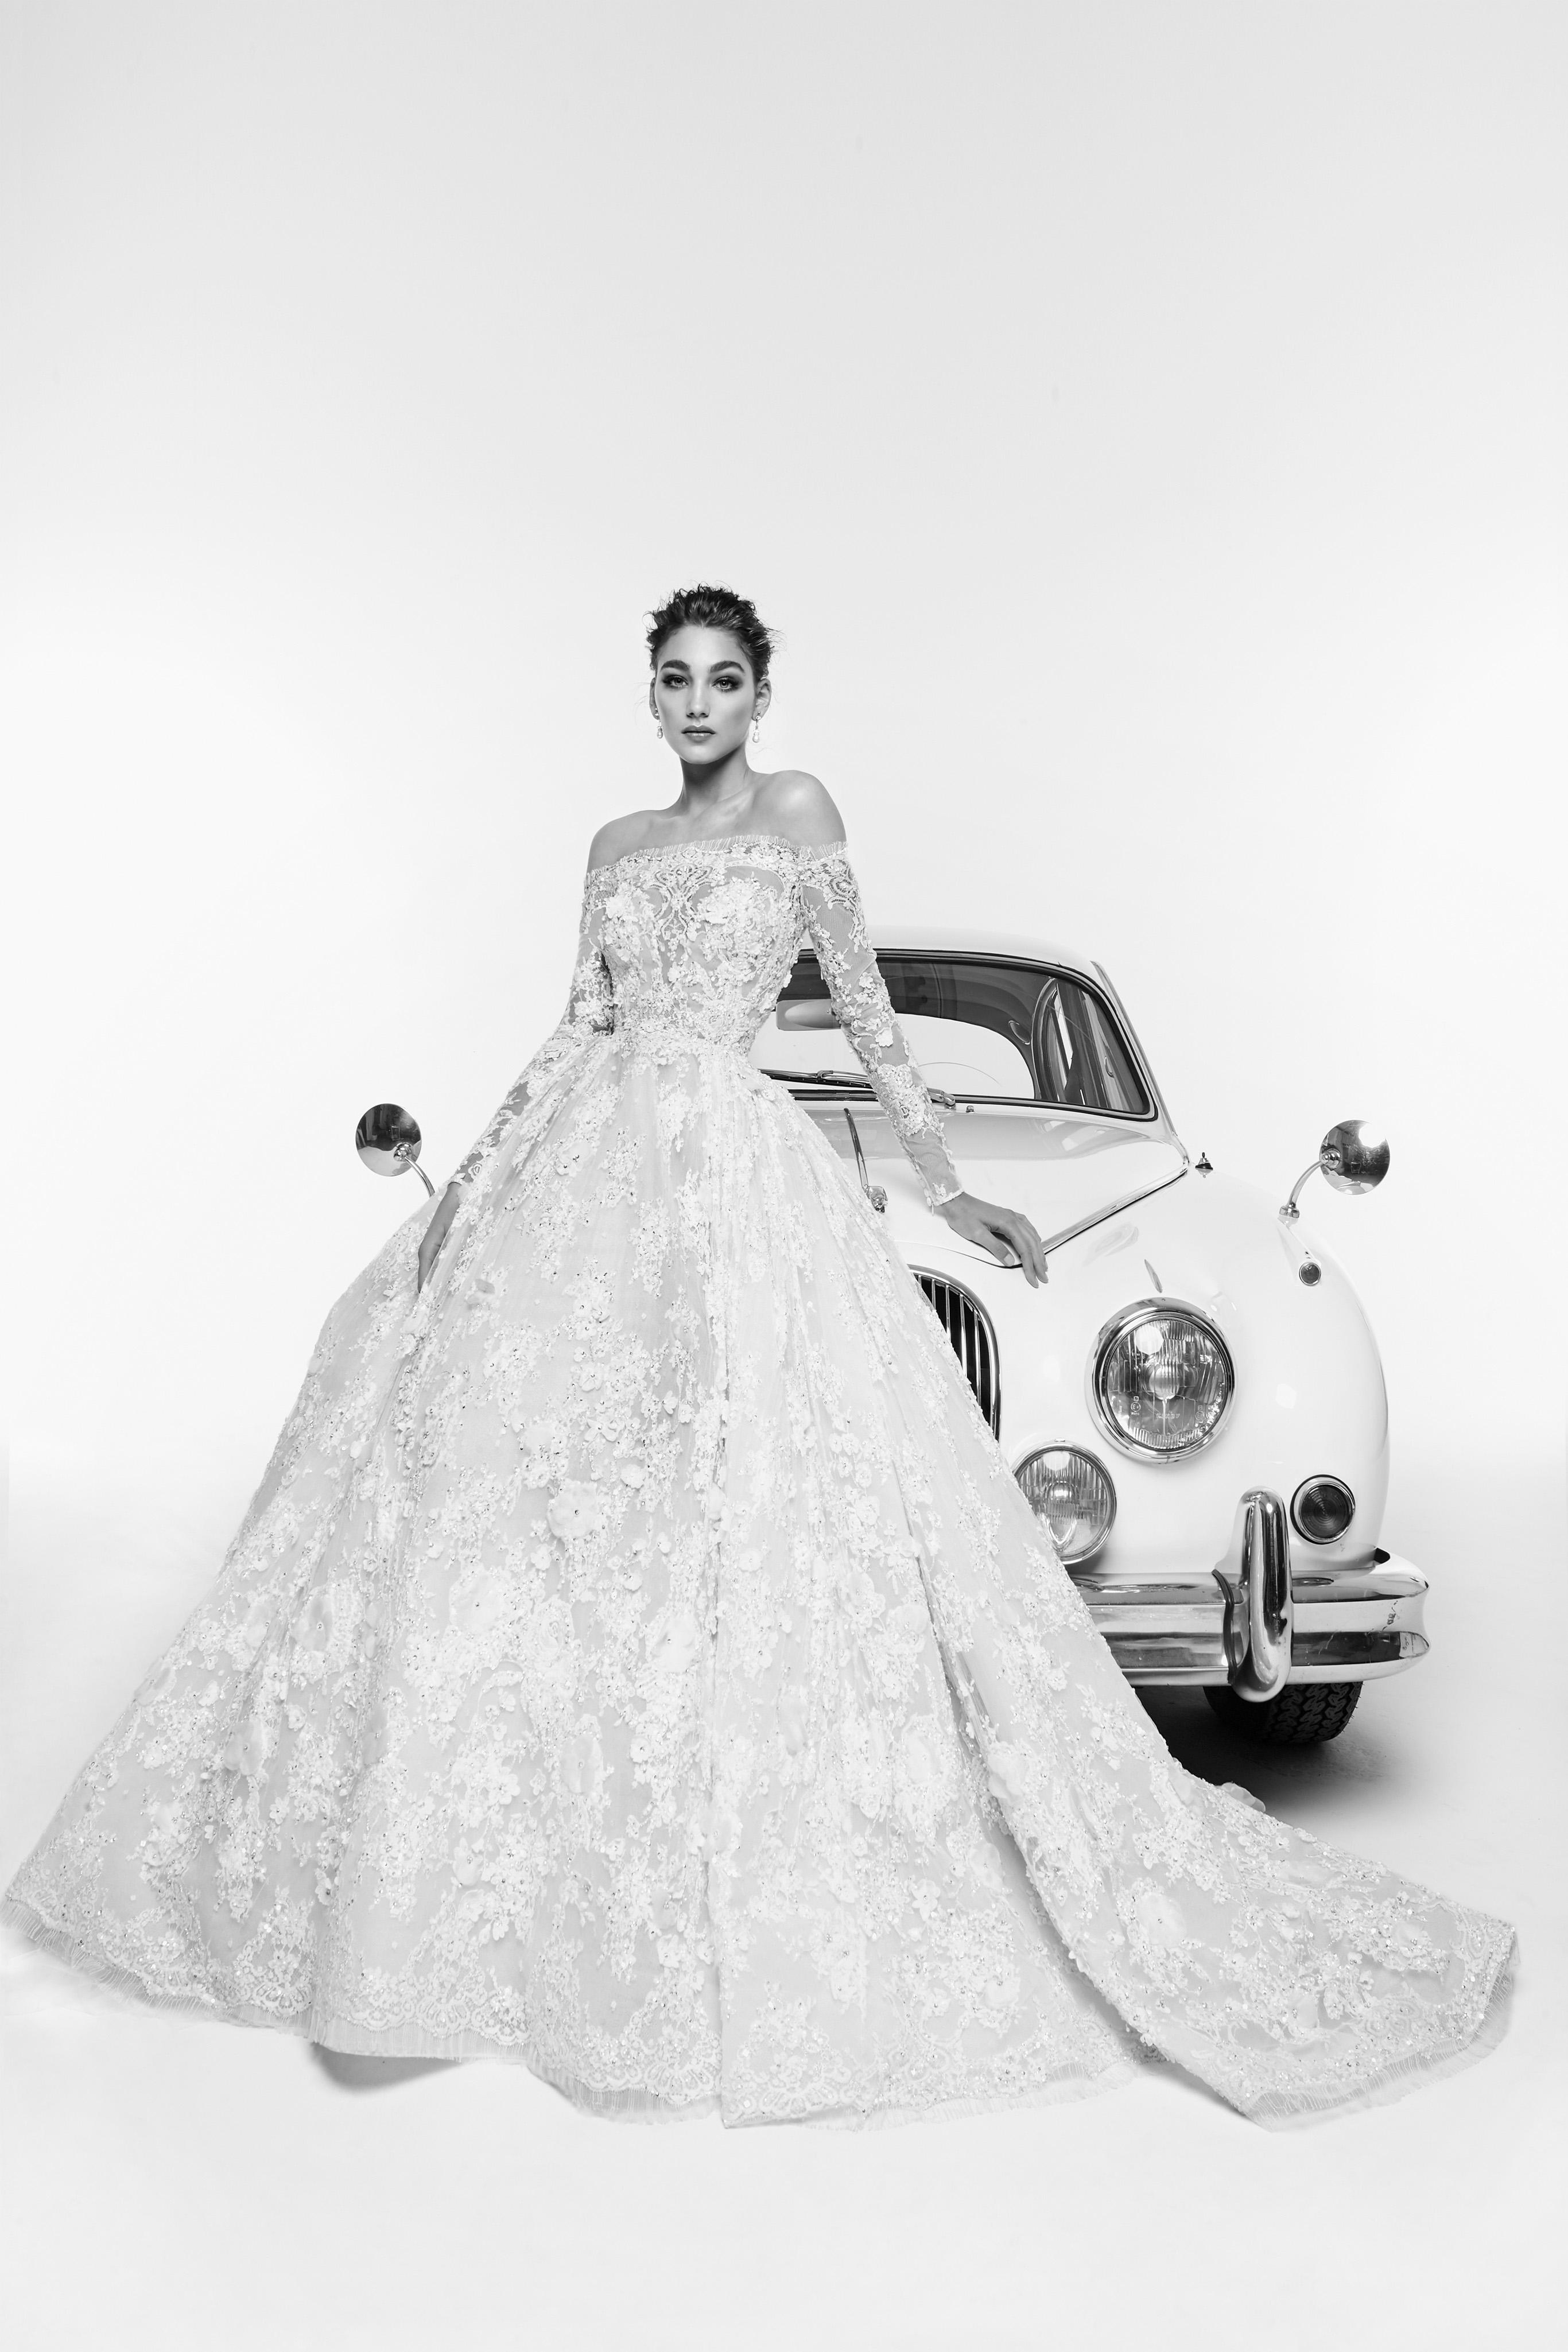 zuhair murad wedding dress spring 2019 off-the-shoulder ball gown